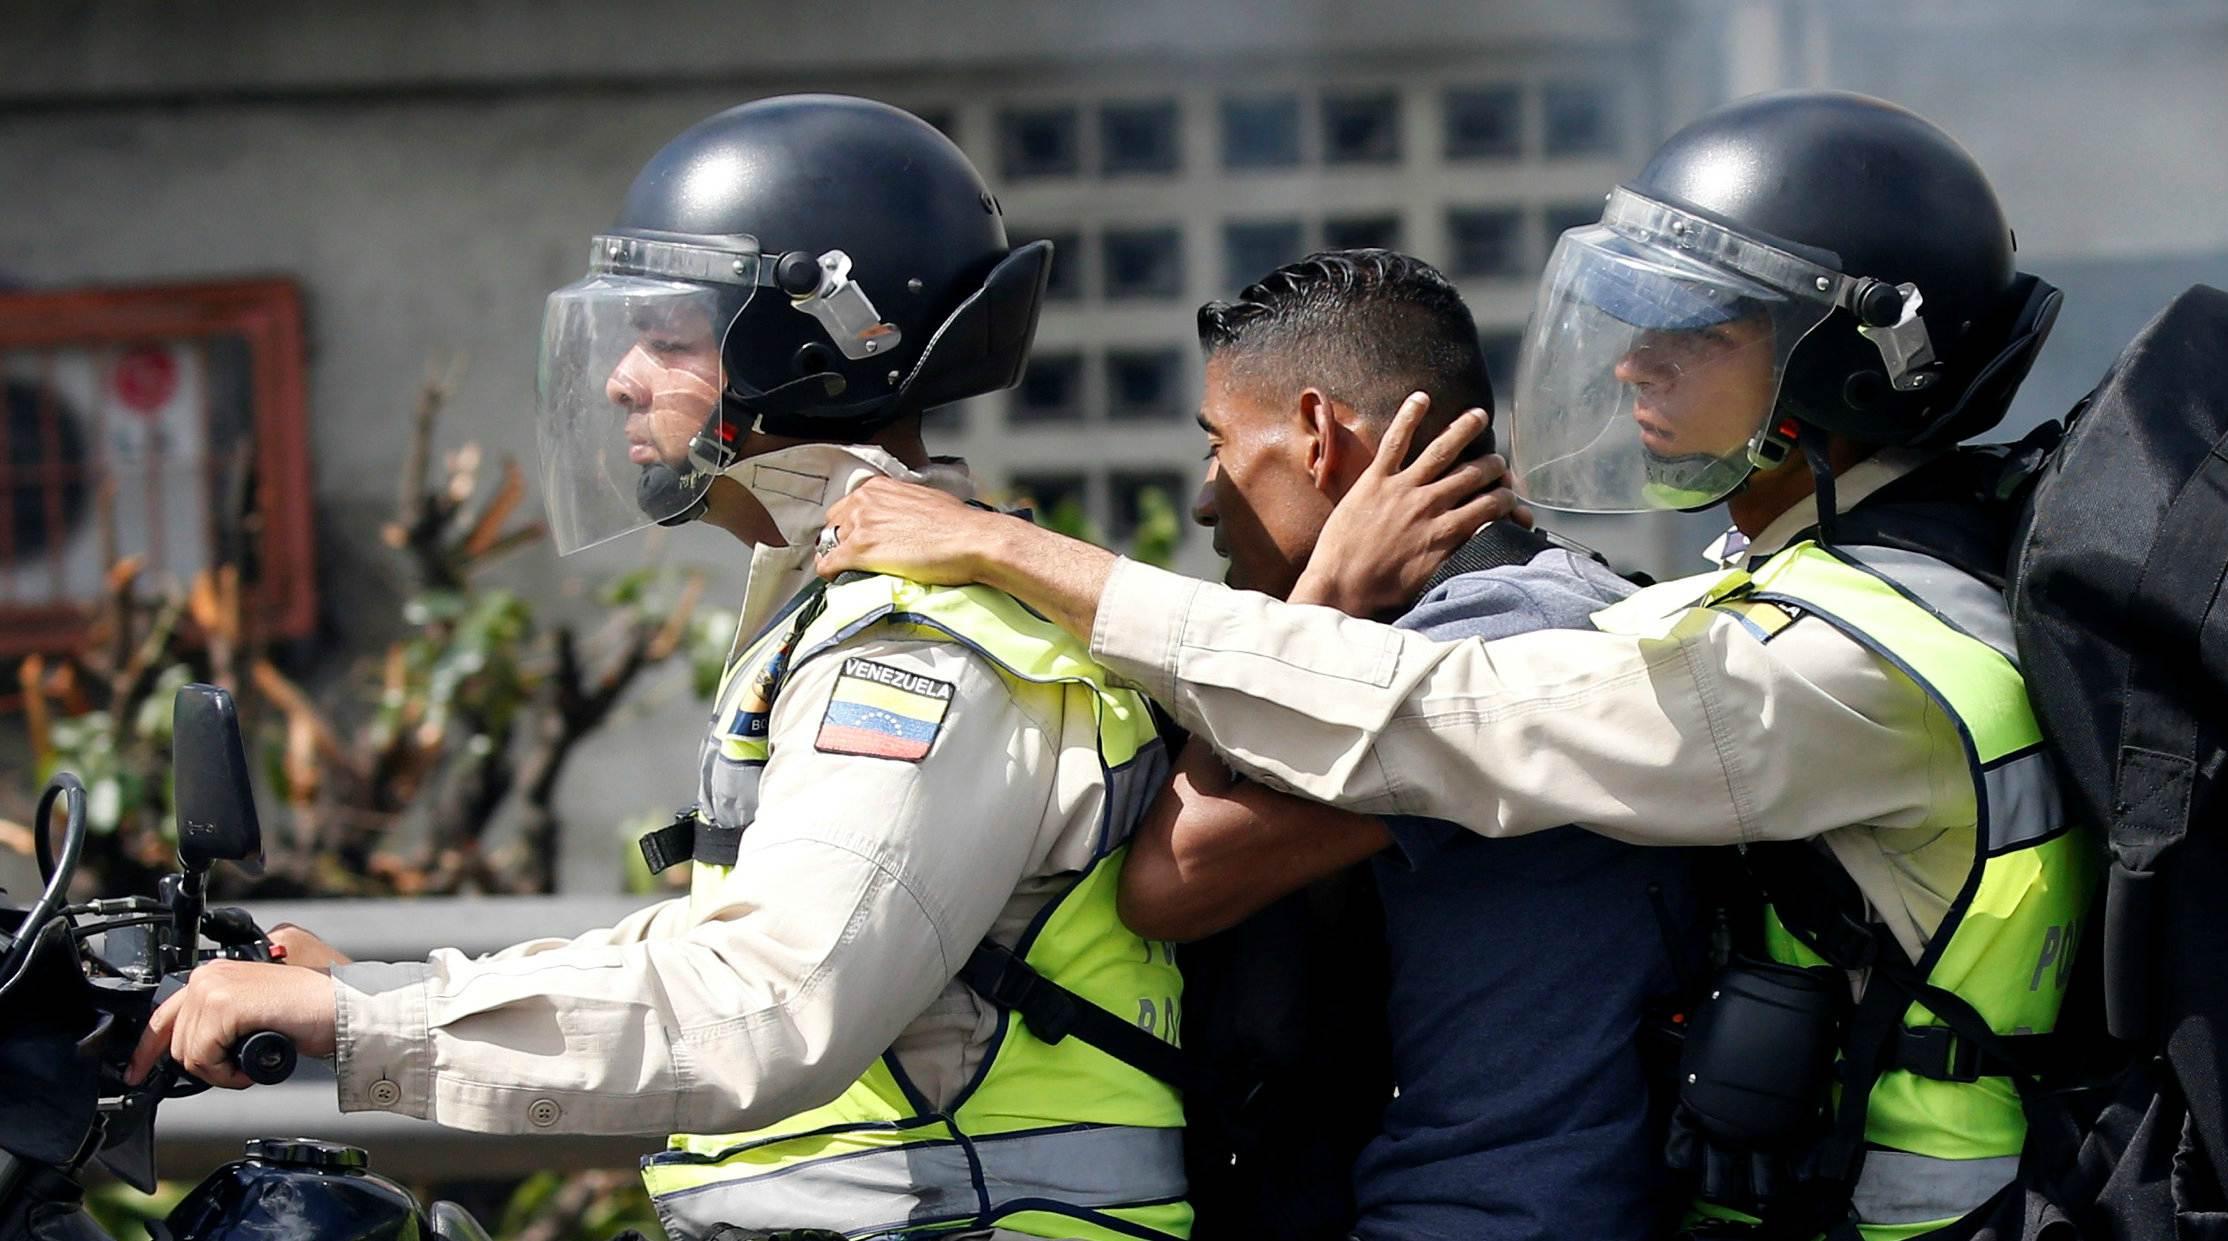 La Policía Nacional Bolivariana lanzó bombas lacrimógenas para dispersar a los manifestantes